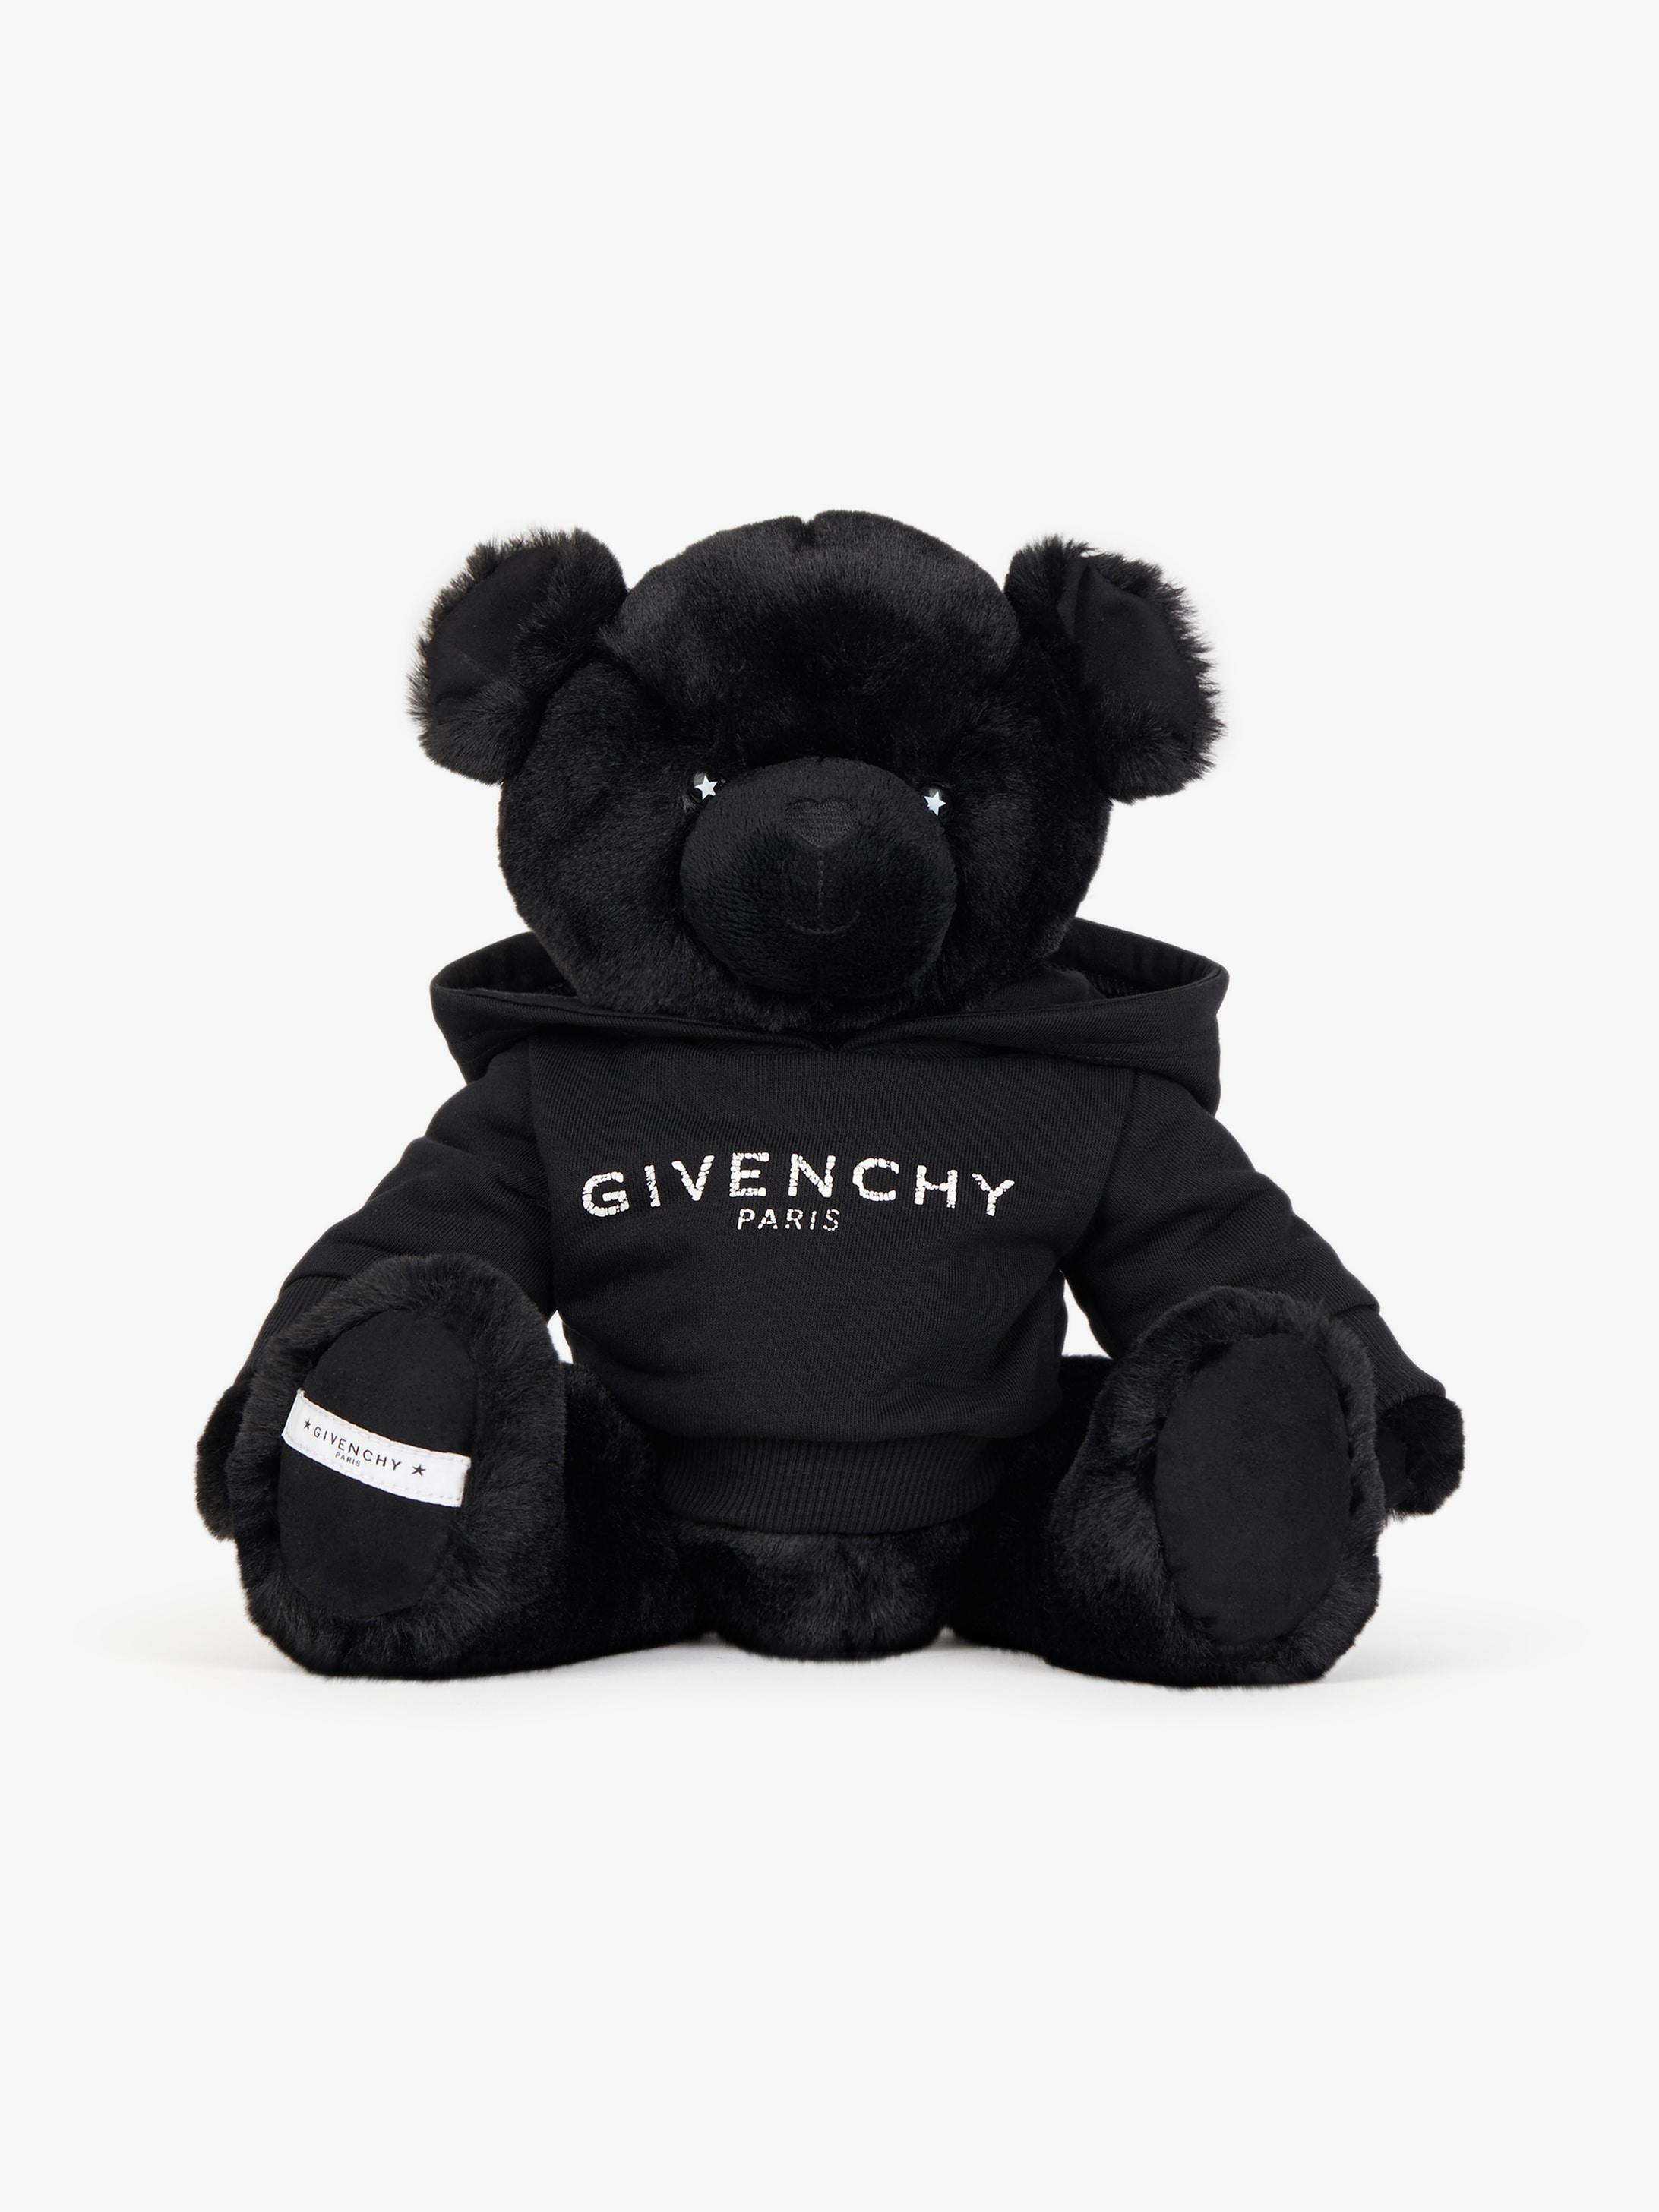 Teddy bear GIVENCHY PARIS